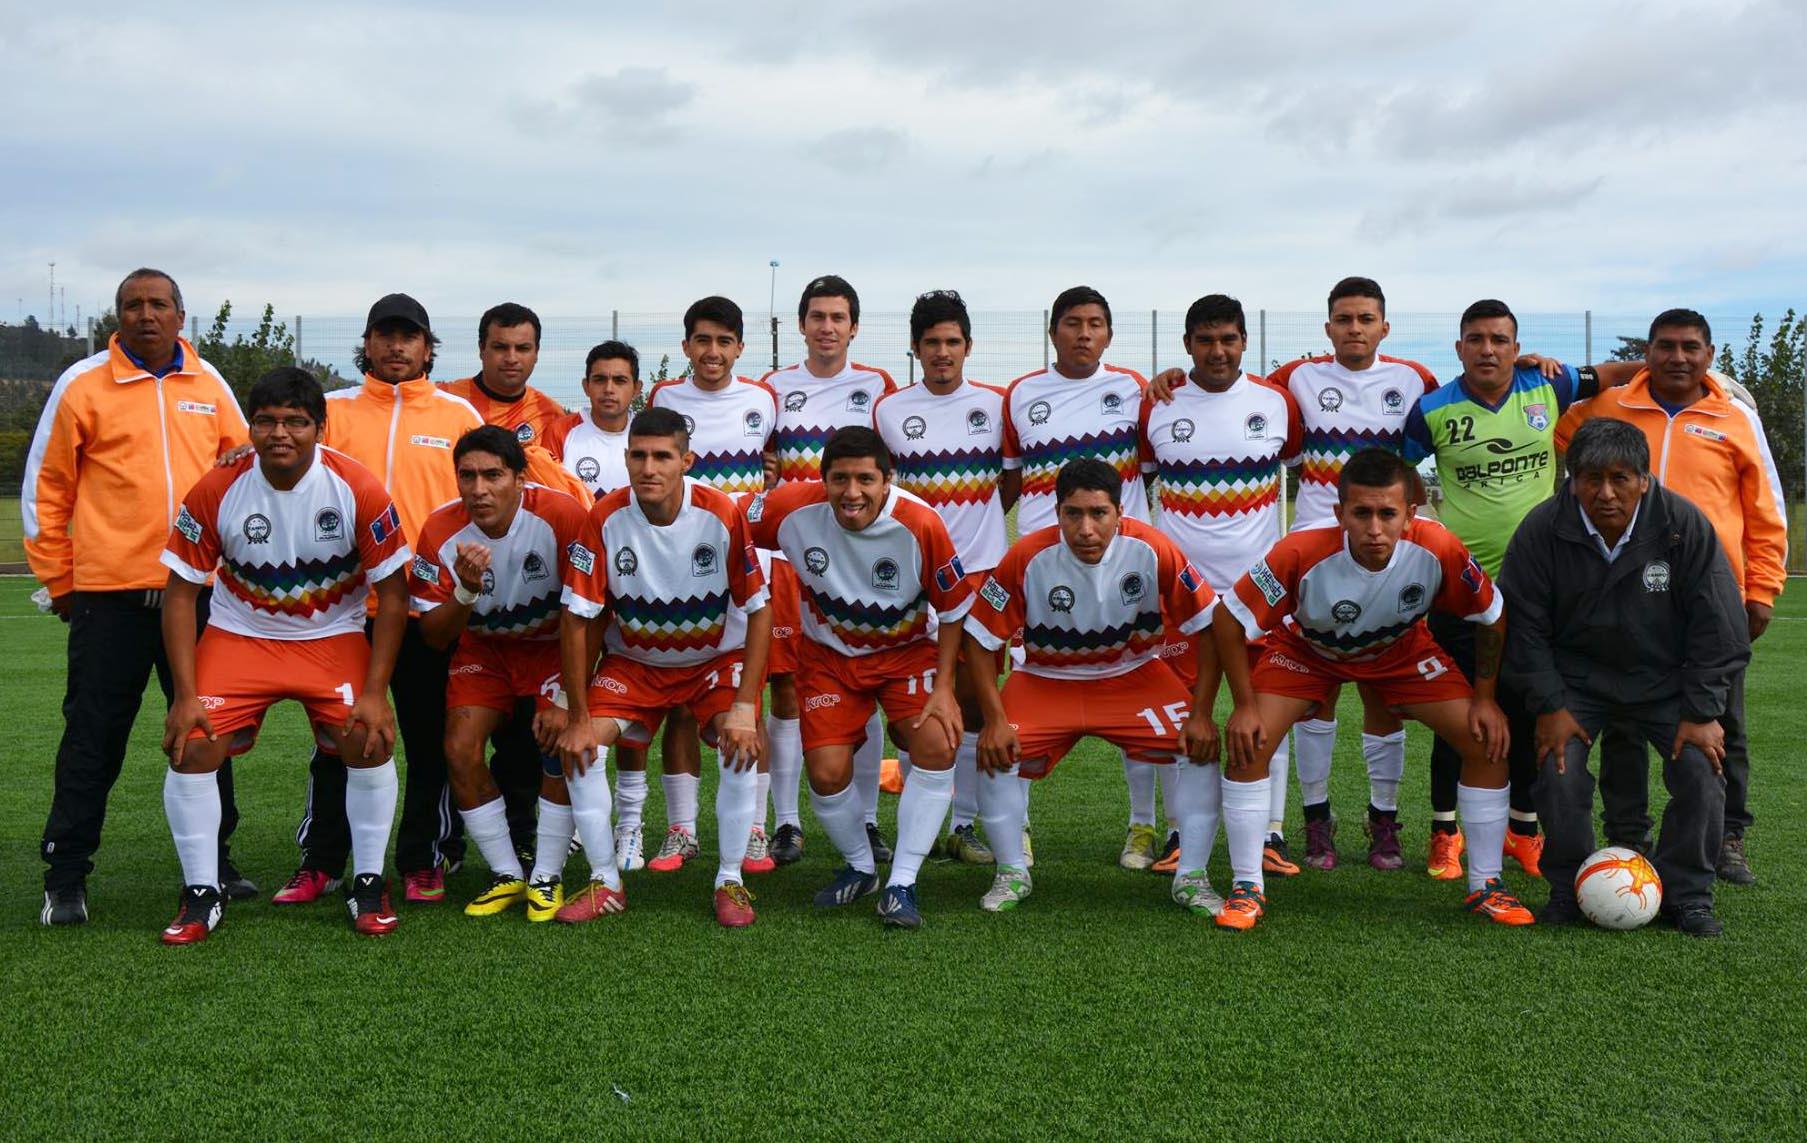 Aymaras ya están en la final del Wallmapu 2015, Campeonato Nacional de Futbol de Pueblos Originarios